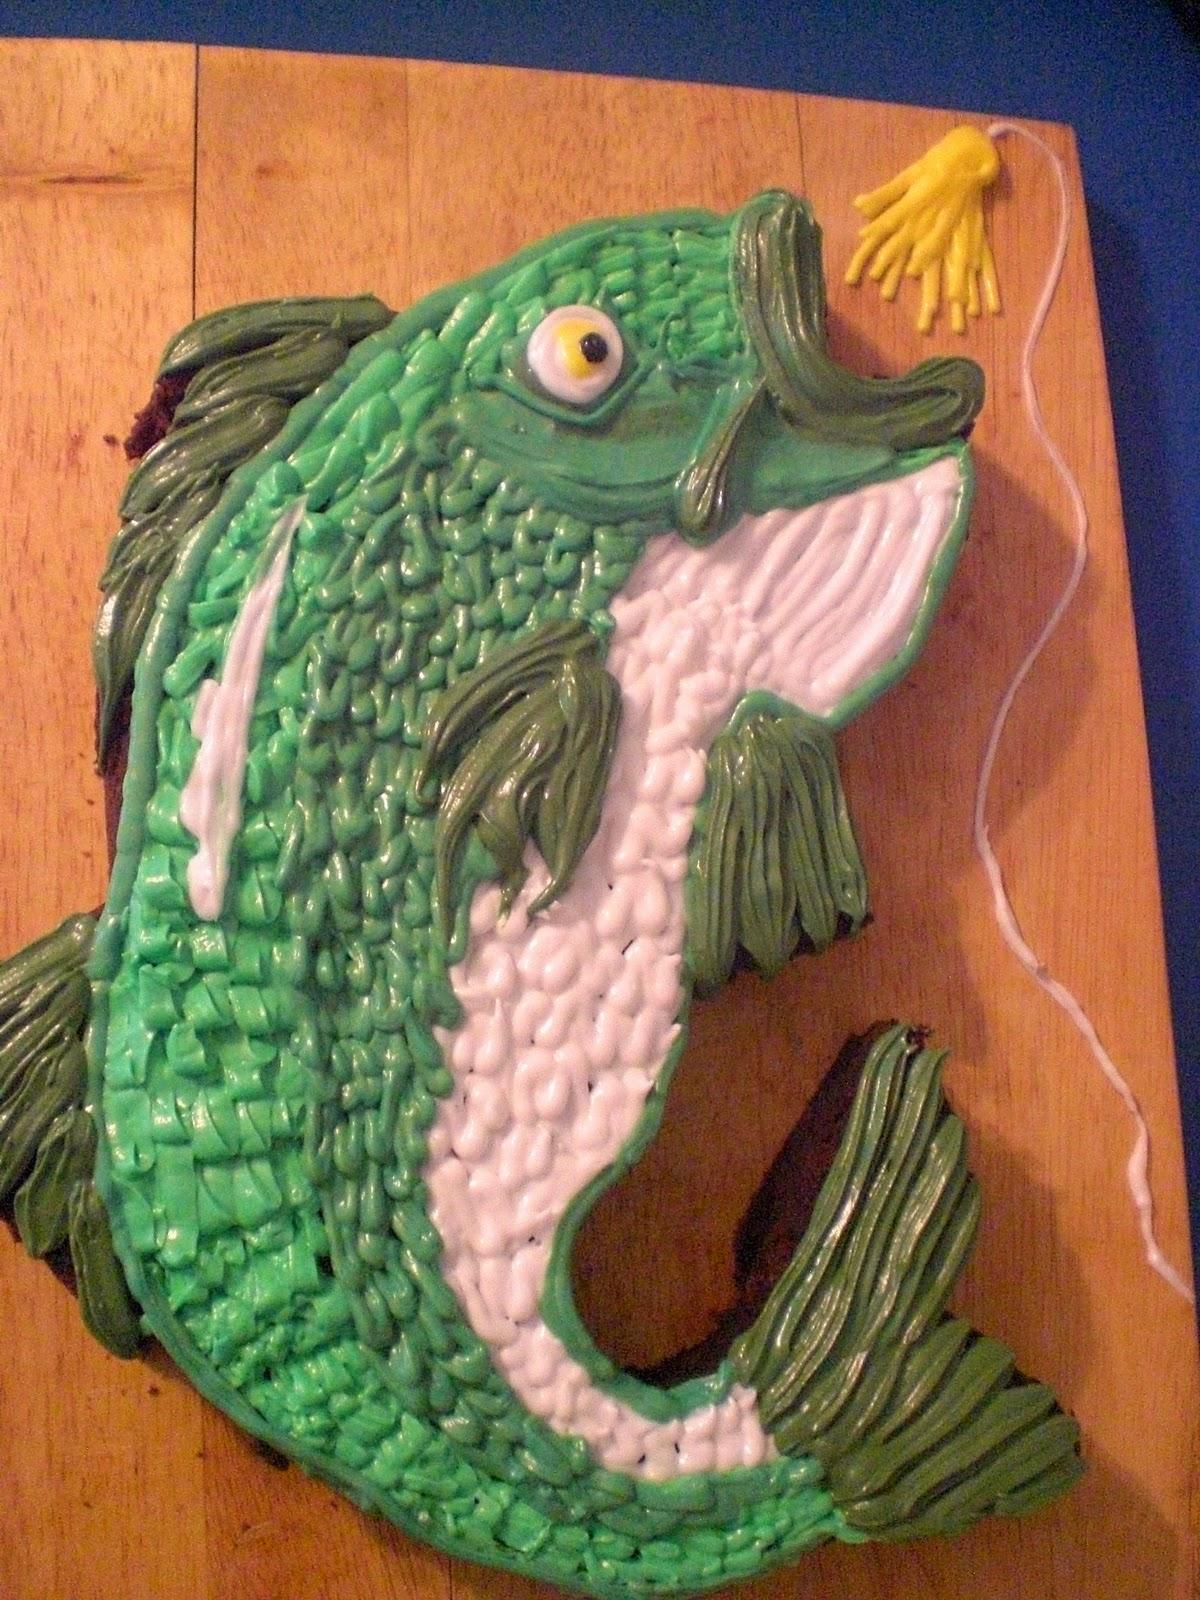 Sweetart William S Birthday Bass Cake